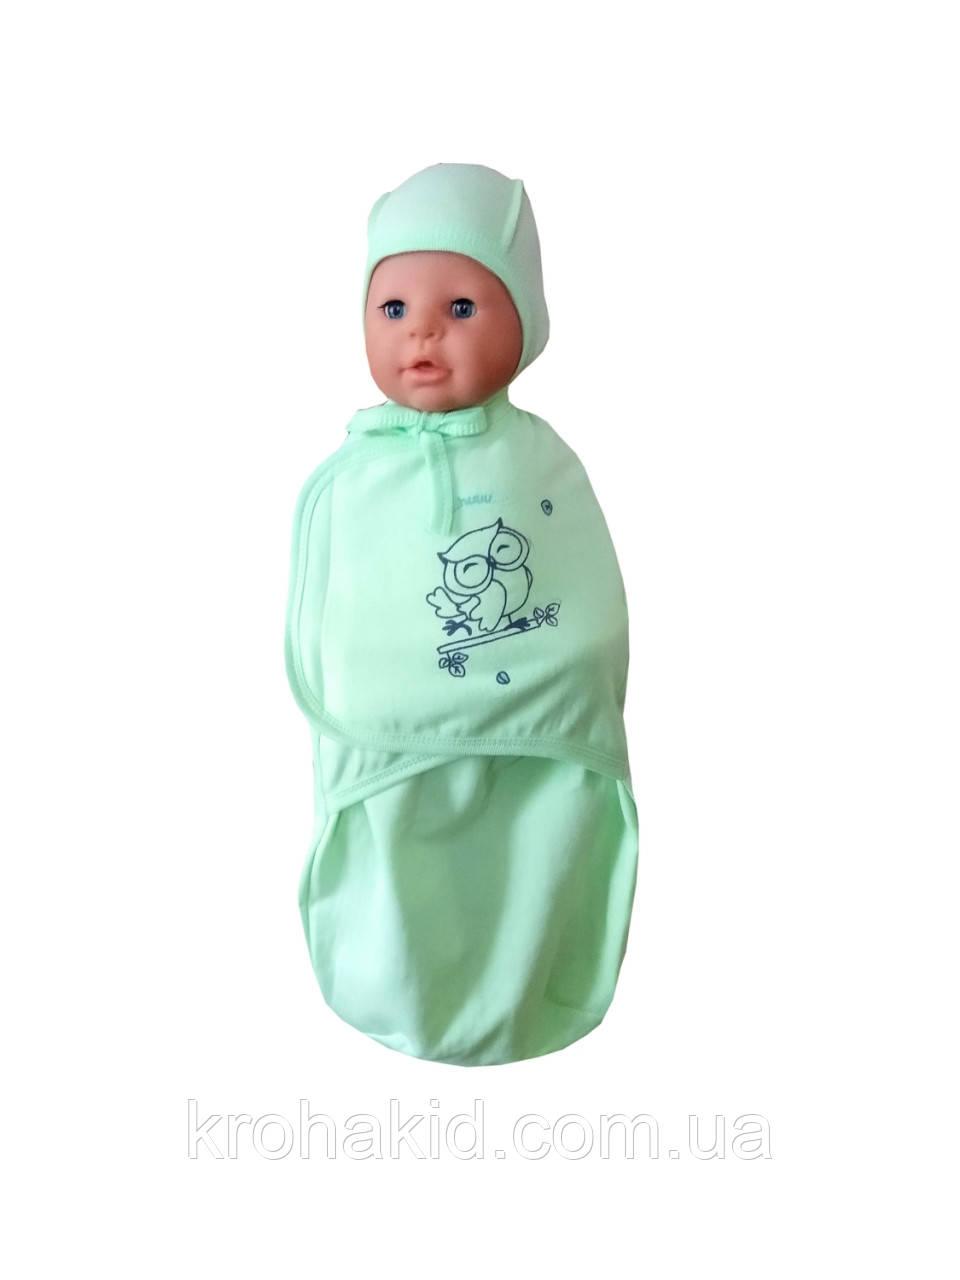 Детская пеленка кокон на липучке ( интерлок) для новорожденного